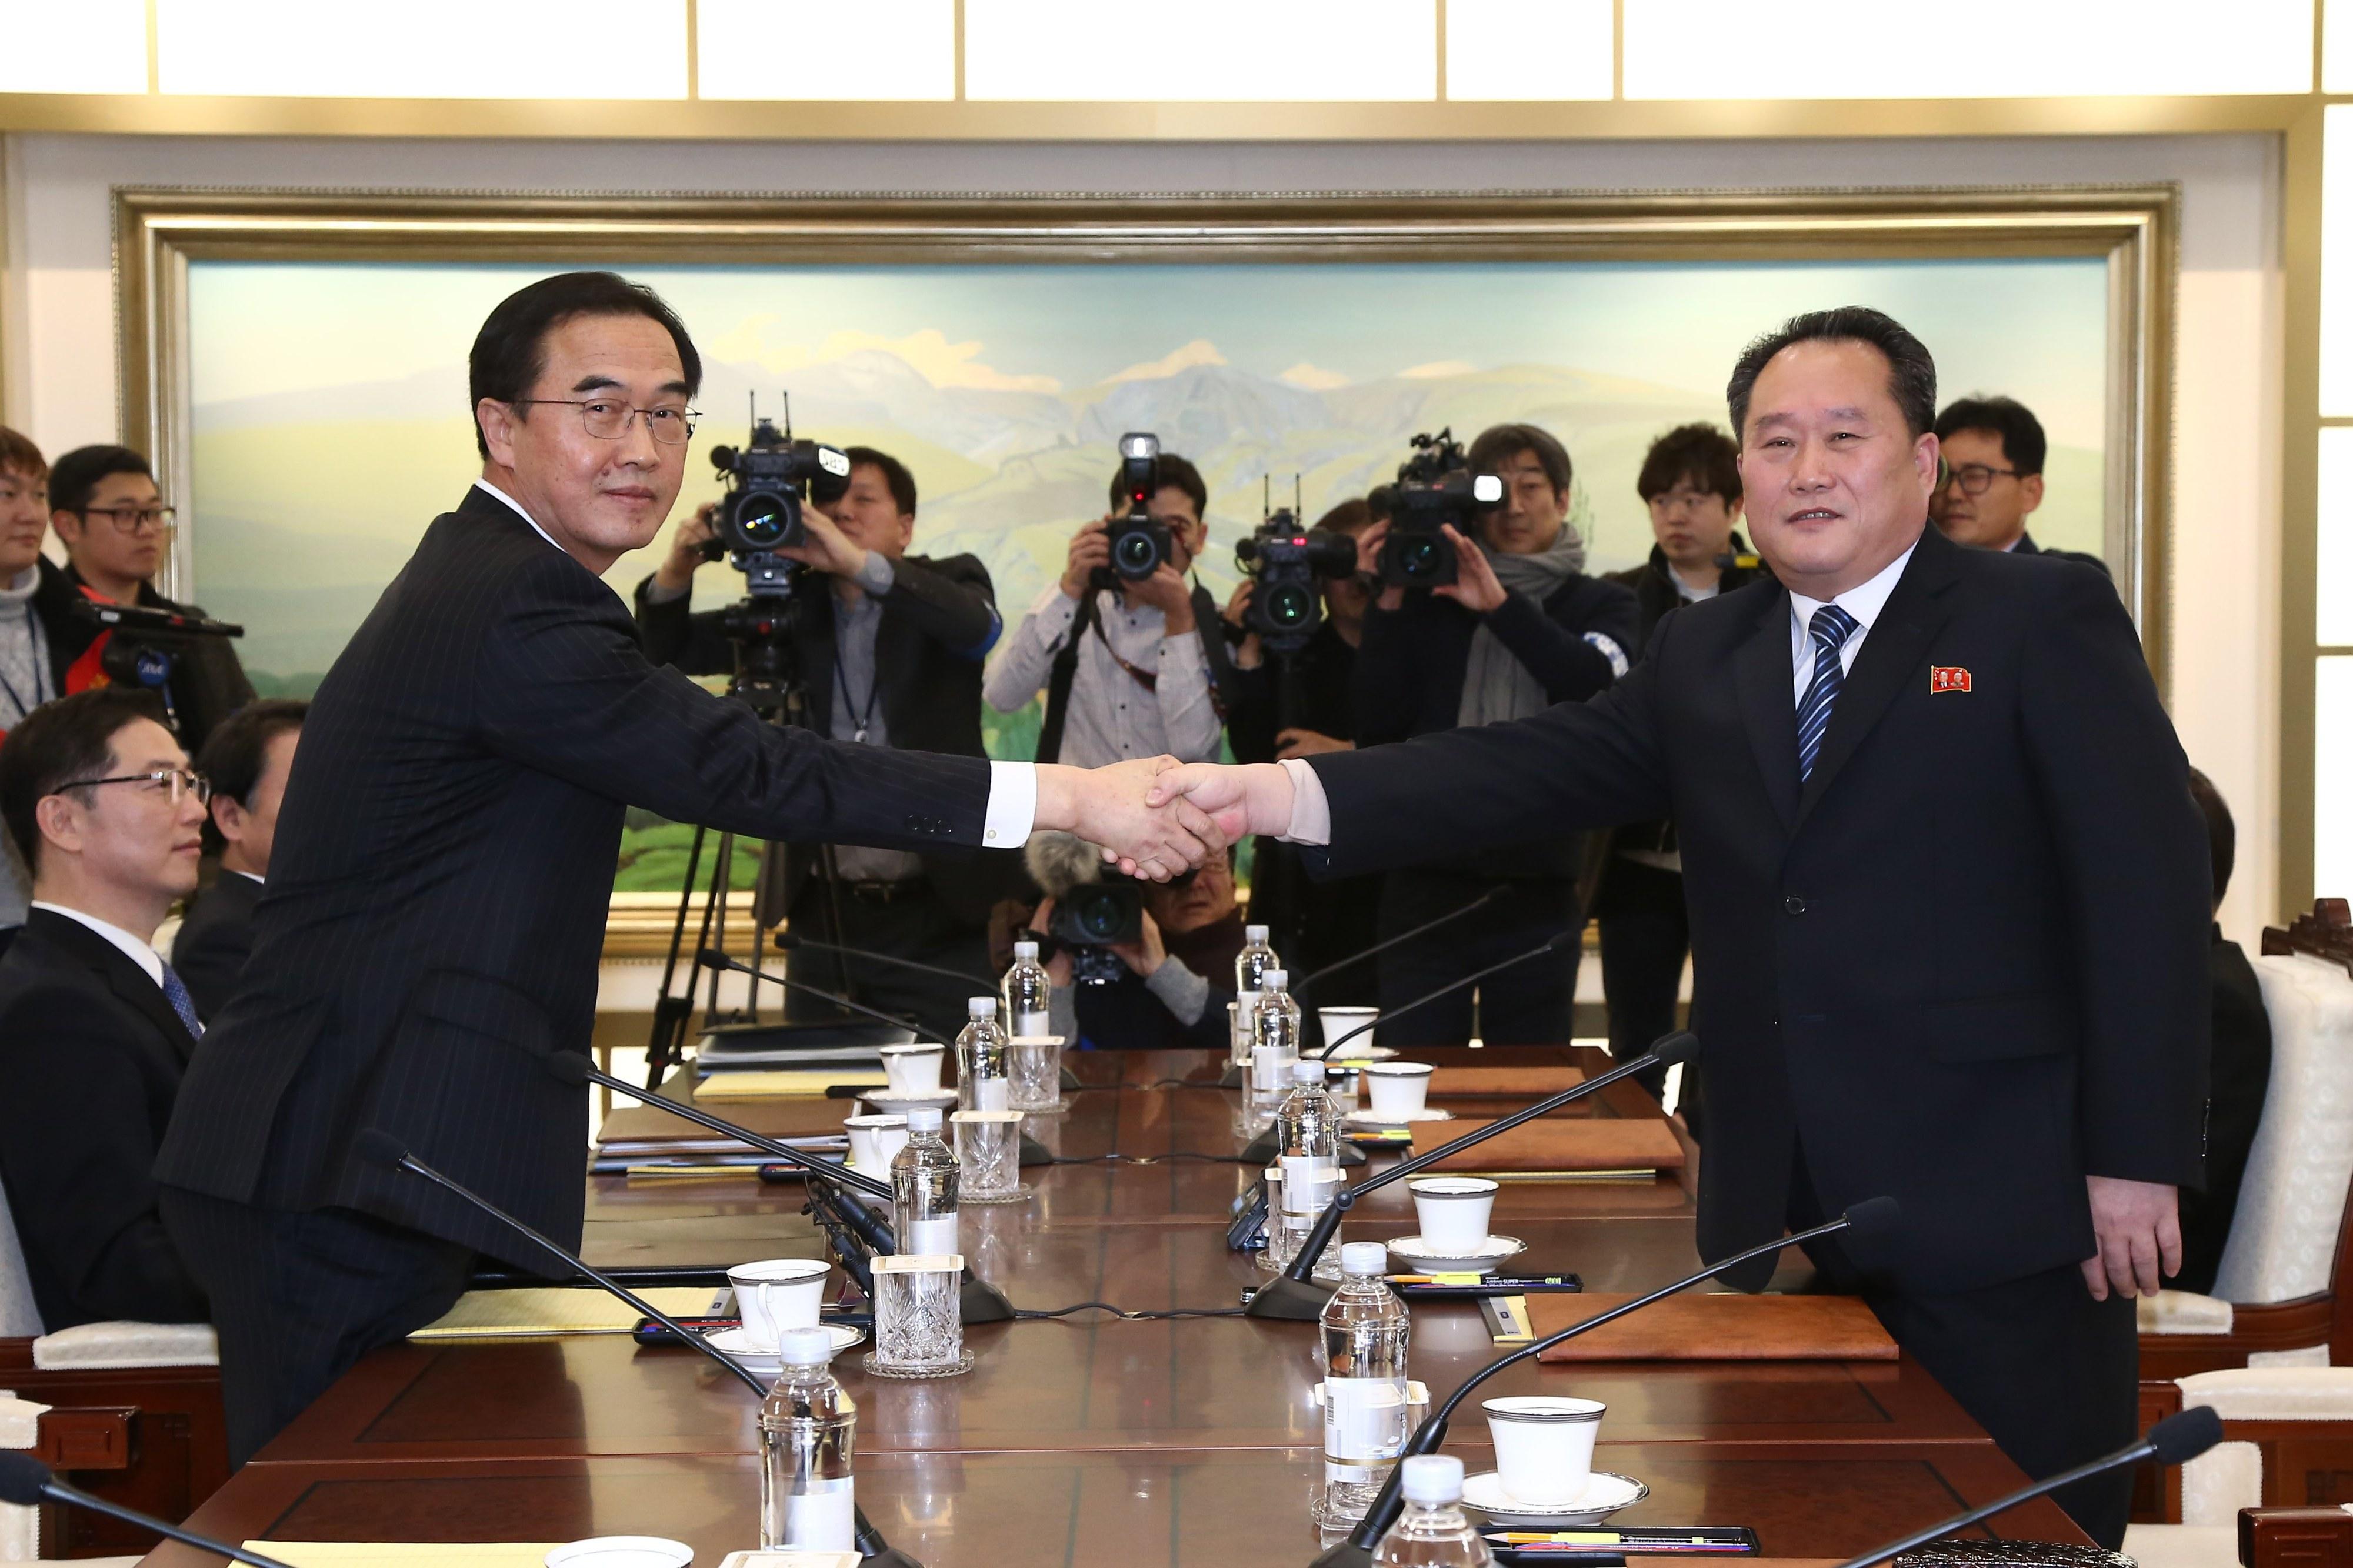 Jogos Olímpicos: Da era nazi à tensão entre as duas Coreias, a História passou por aqui